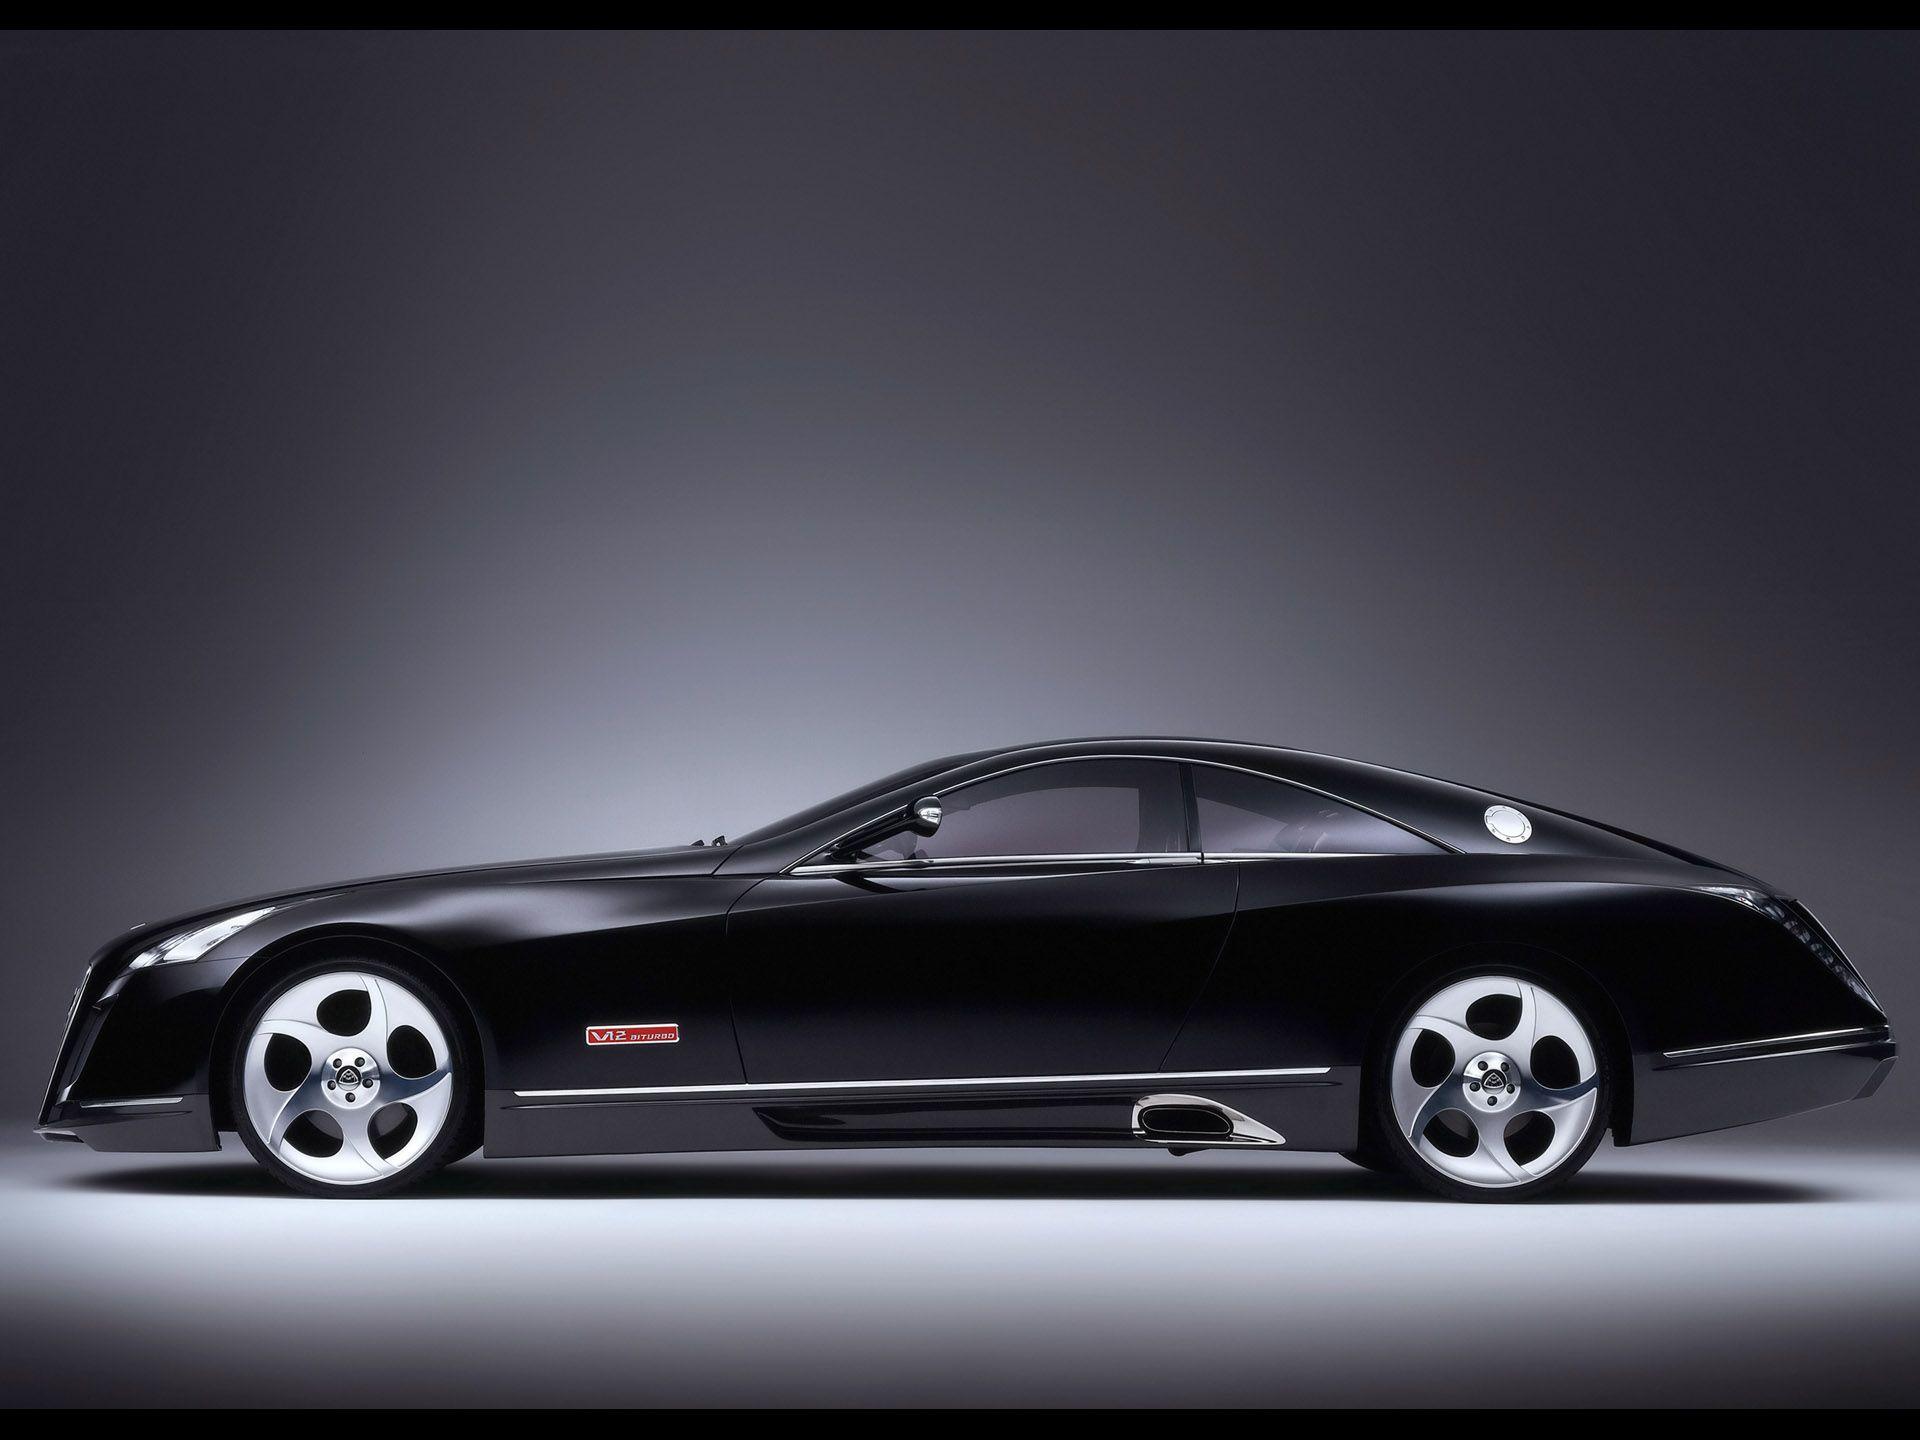 Superior Car | 2005 Maybach Exelero Show Car   Side   1920x1440 Wallpaper